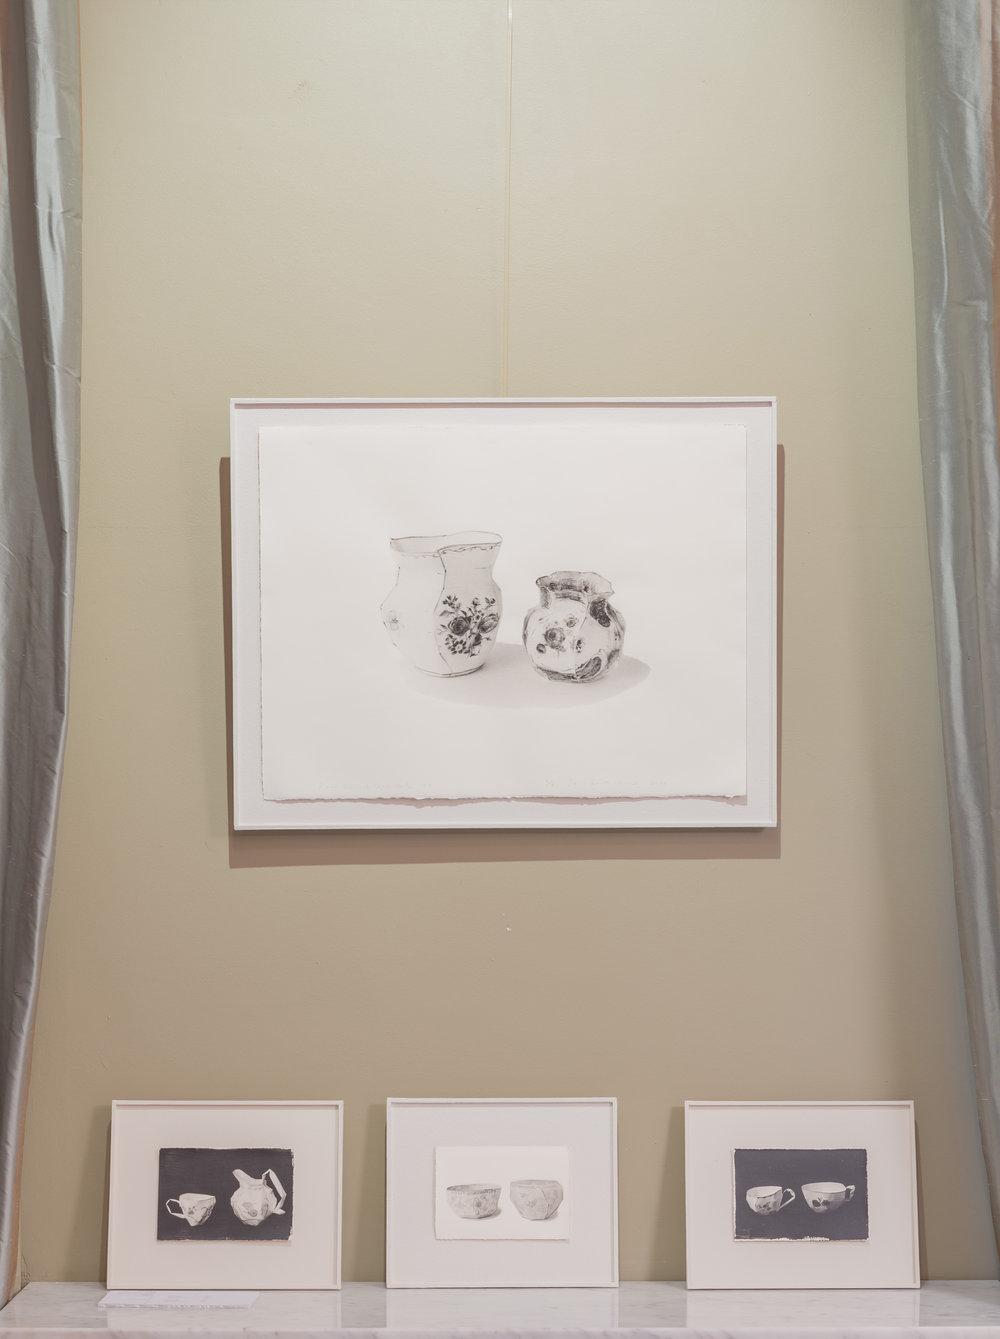 exposition-papier1-7.jpg